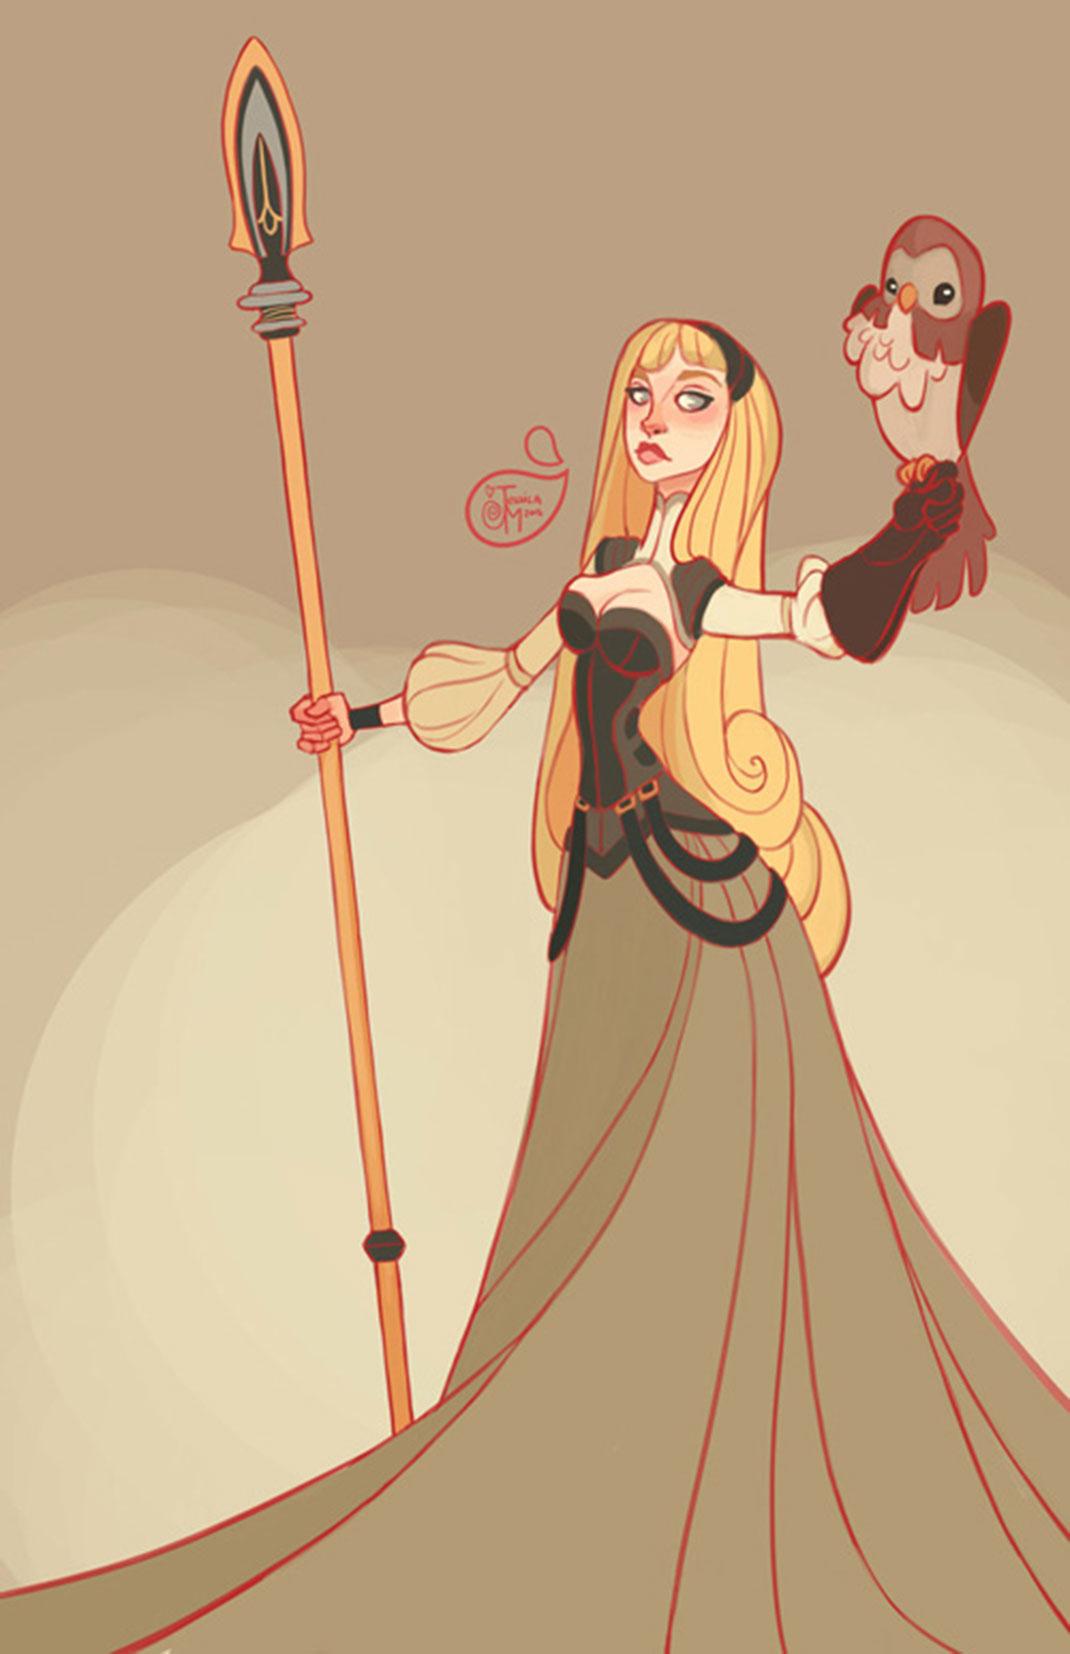 warrior-disney-princesses-05